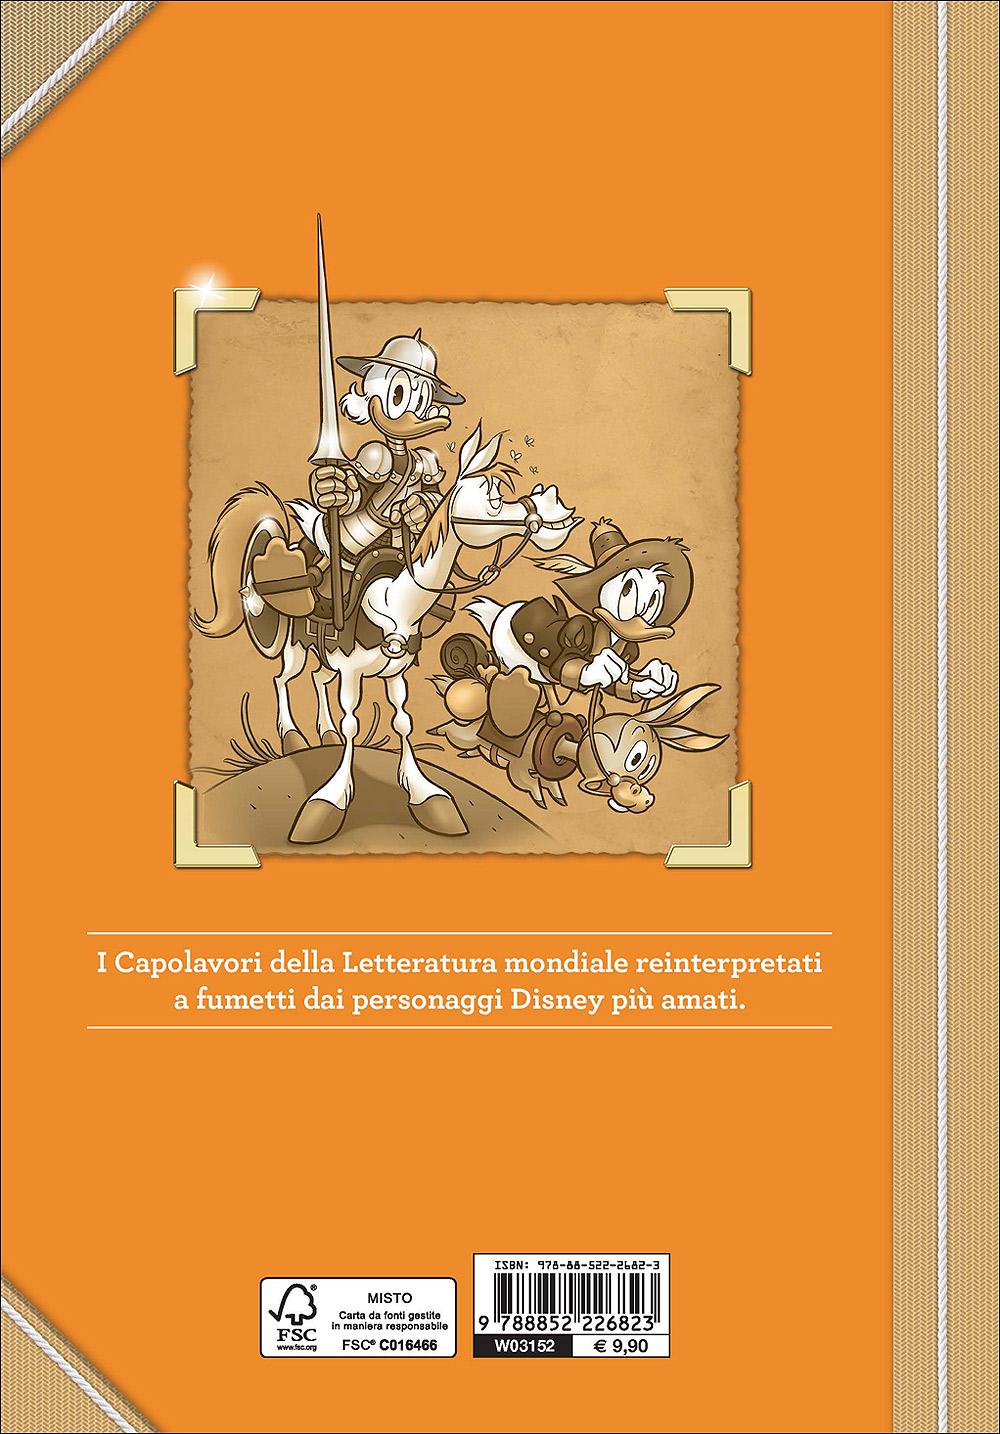 Capolavori della Letteratura - Paperino in Don Chisciotte